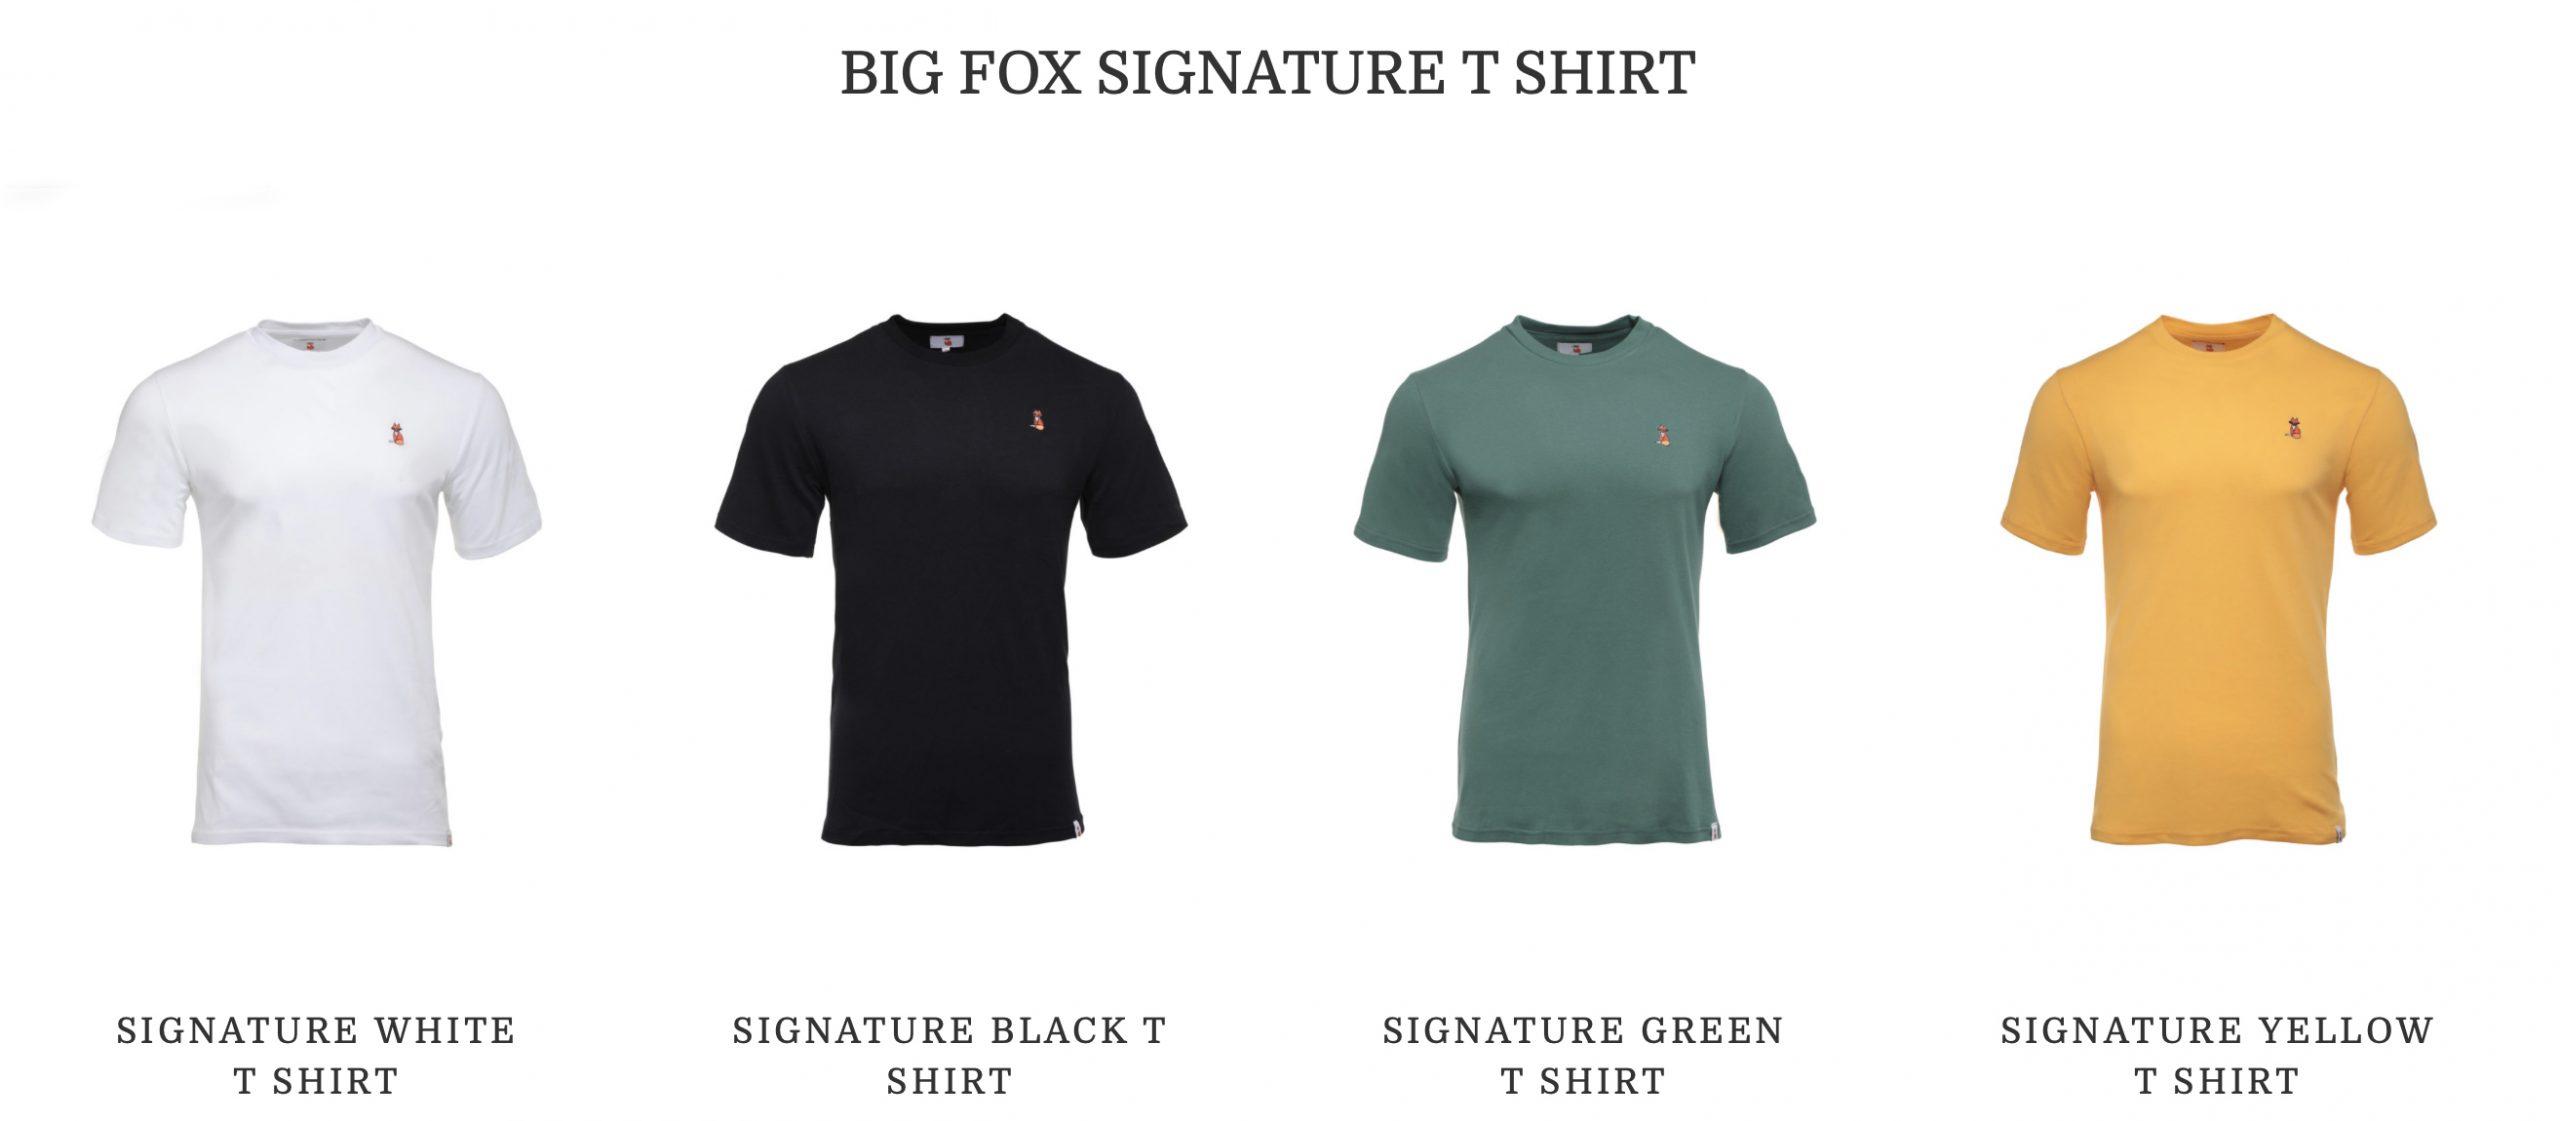 Big Fox Apparel T-Shirts